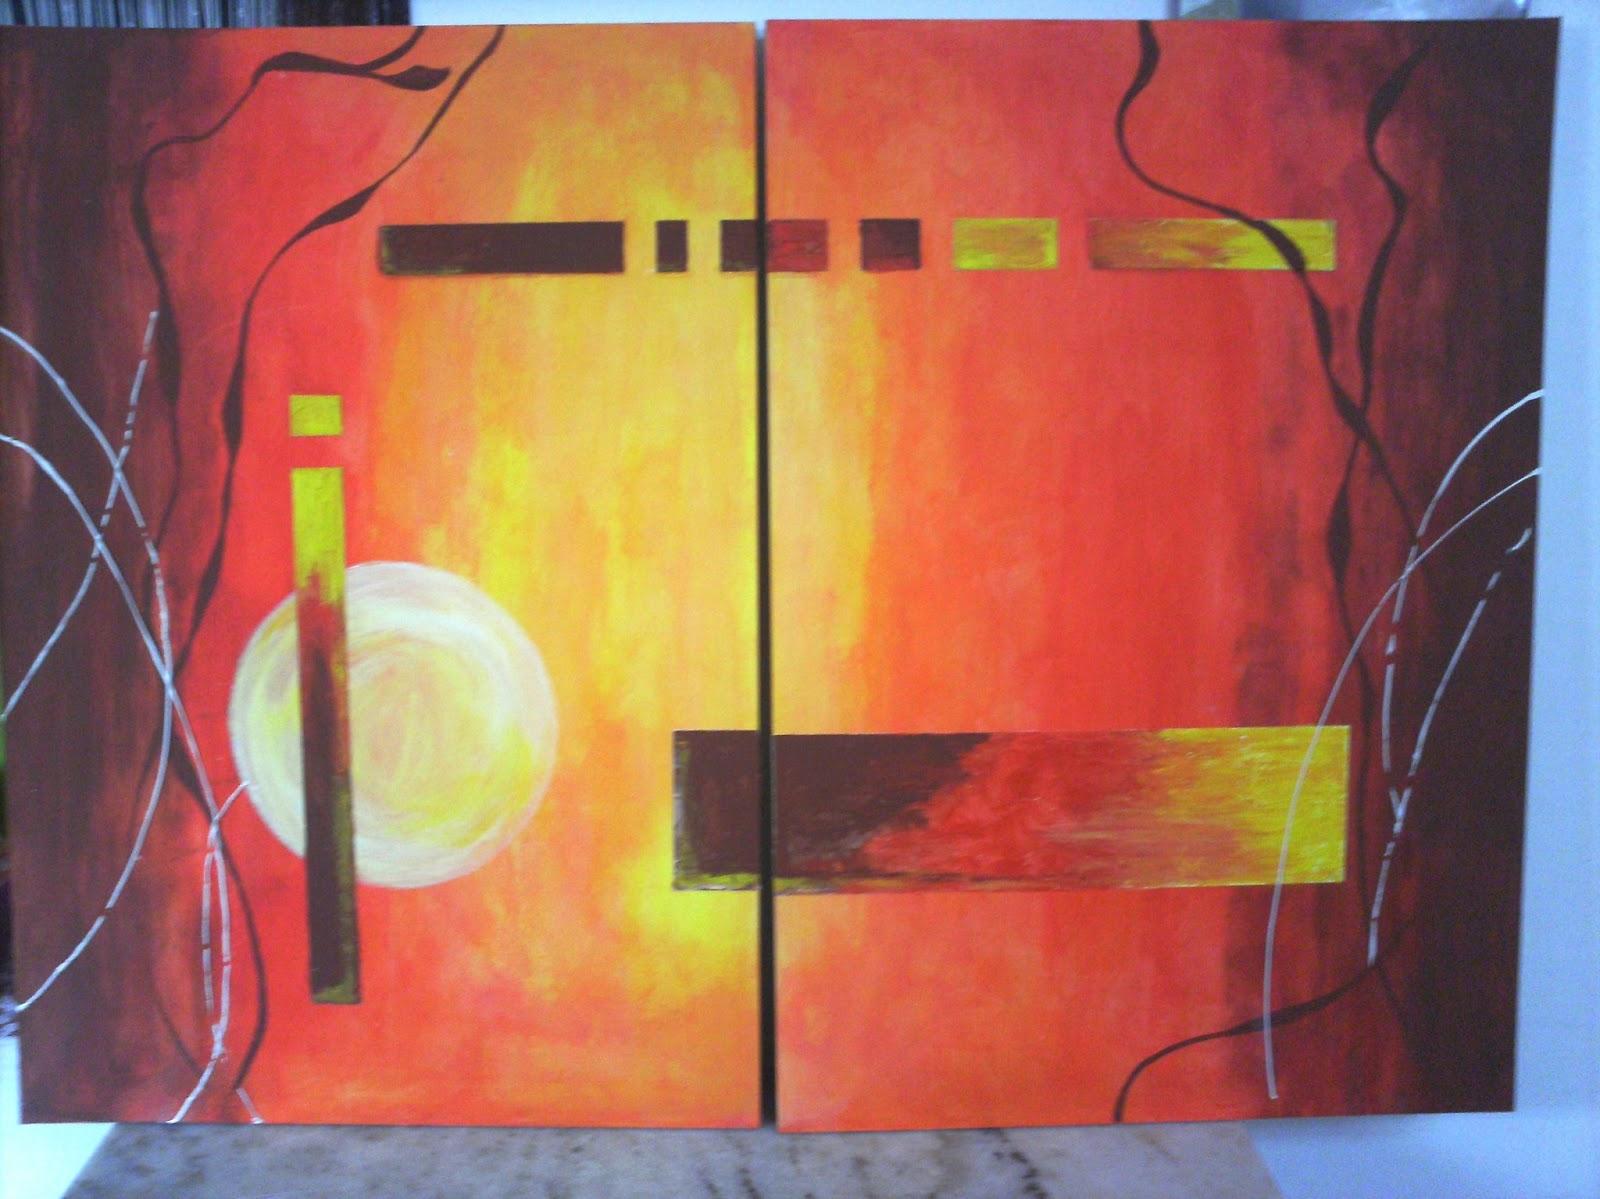 Laminas de cuadros para imprimir abstractos gratis - Imagui